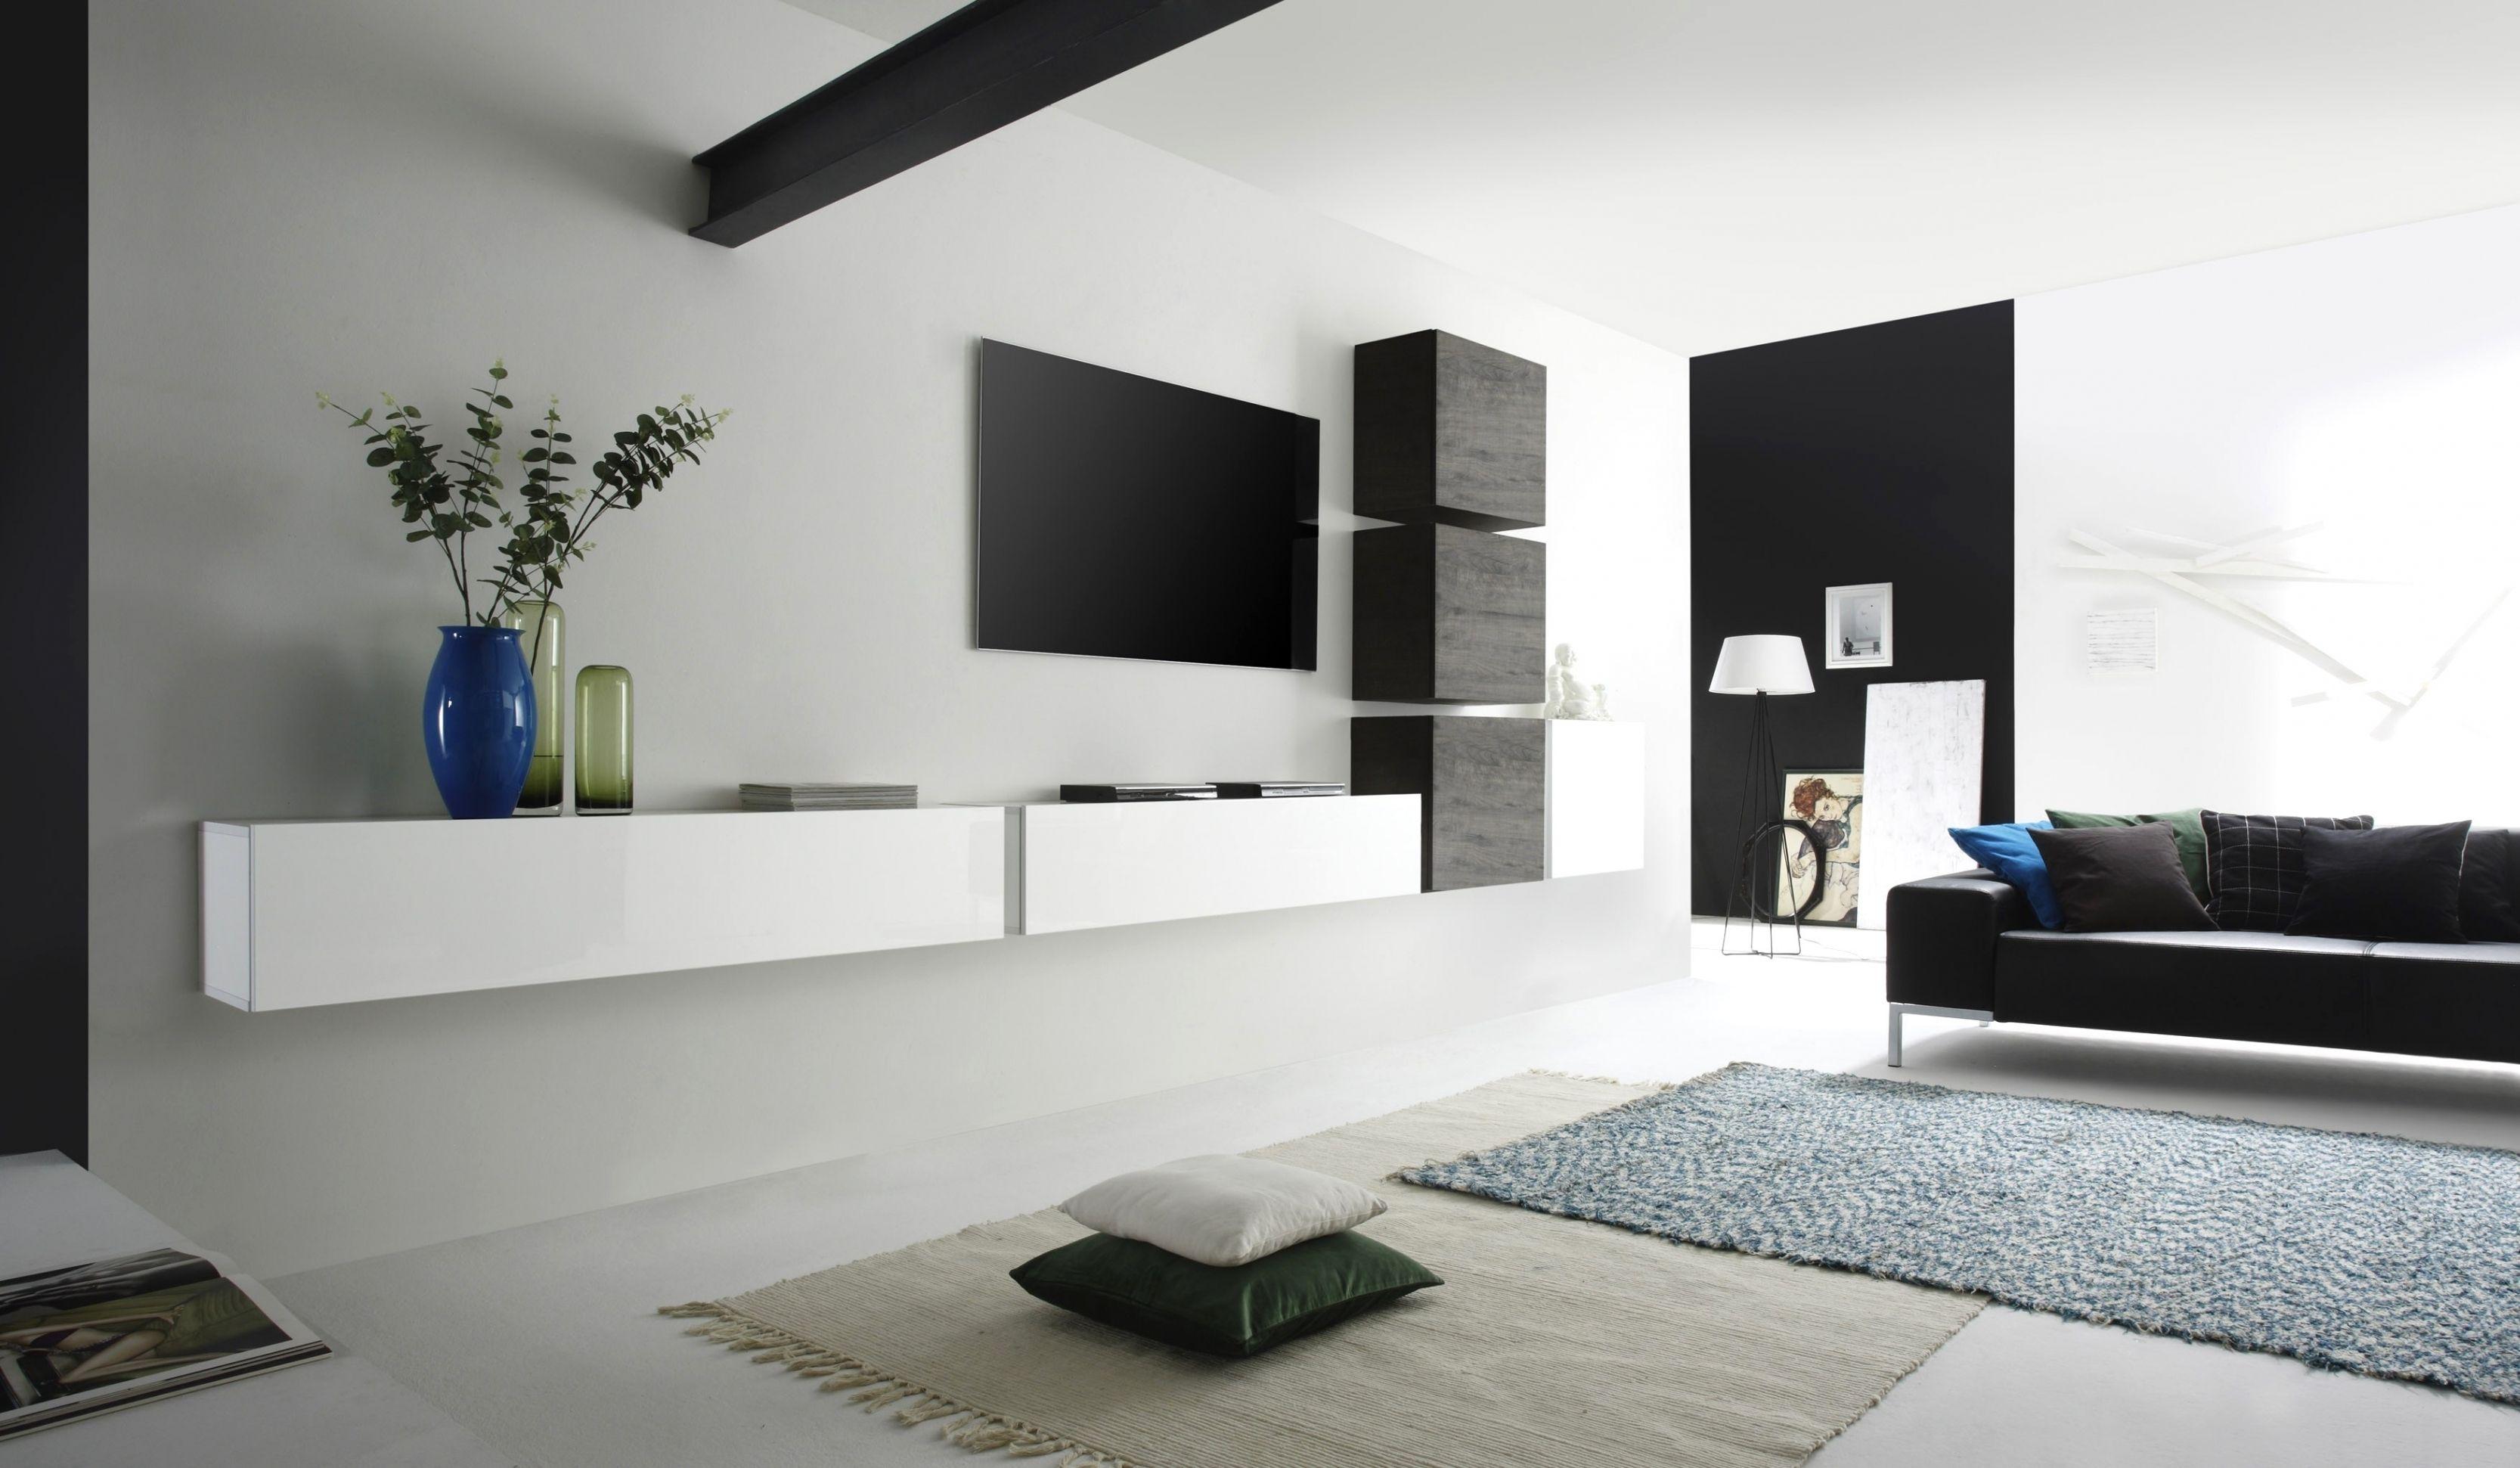 Luxus Wohnzimmer Modern Weiß Wohnwand Weiss Wohnwand Weiß Hochglanz Wohnzimmer Modern